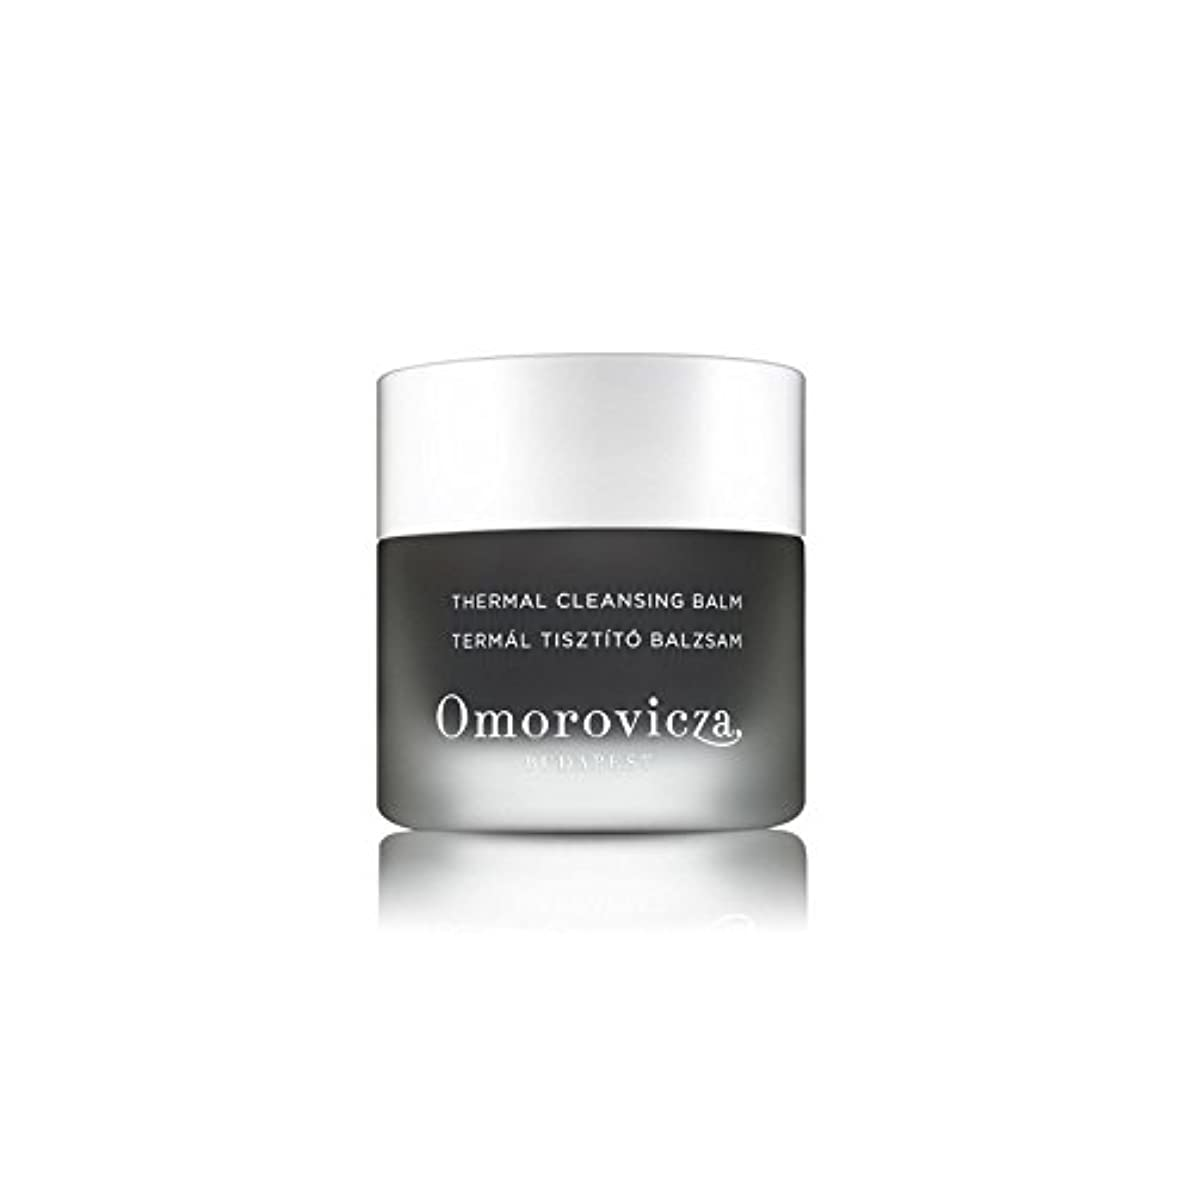 克服する限り聖歌Omorovicza Thermal Cleansing Balm - All Skin Types (50ml) - すべての肌タイプ(50ミリリットル) - サーマルクレンジングバーム [並行輸入品]